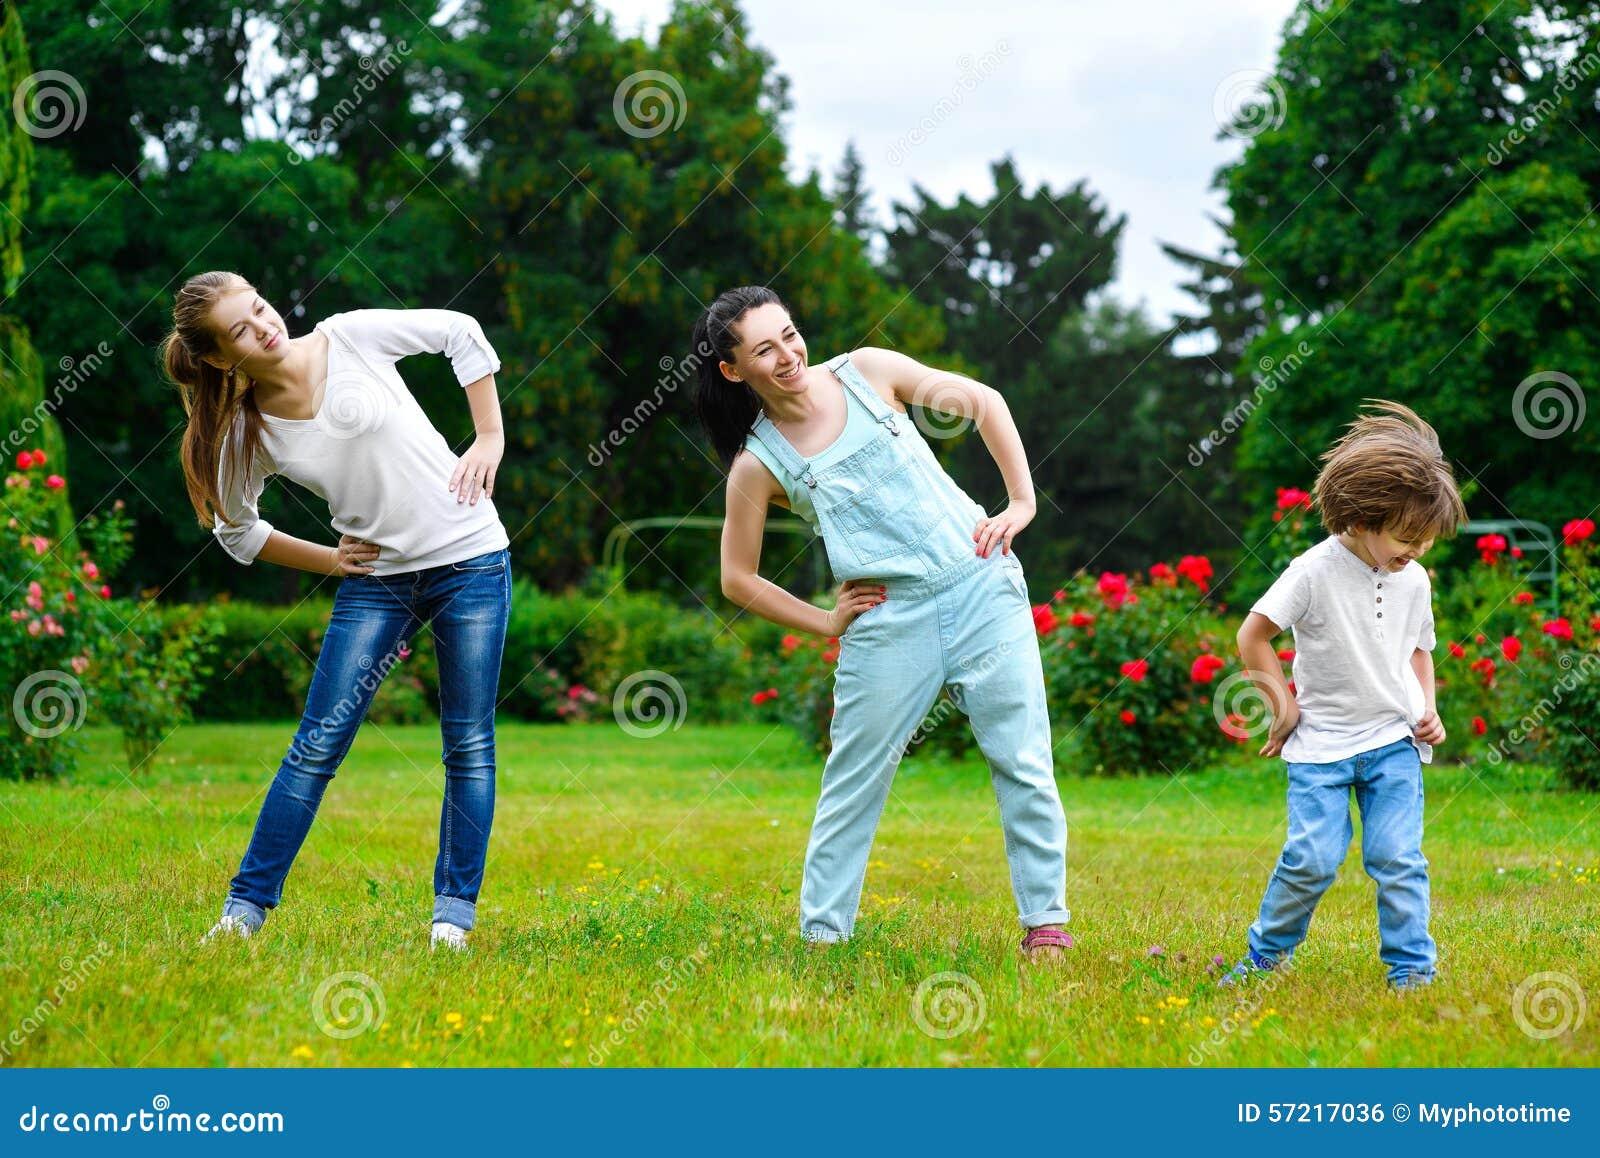 做体育运动的愉快的家庭画象